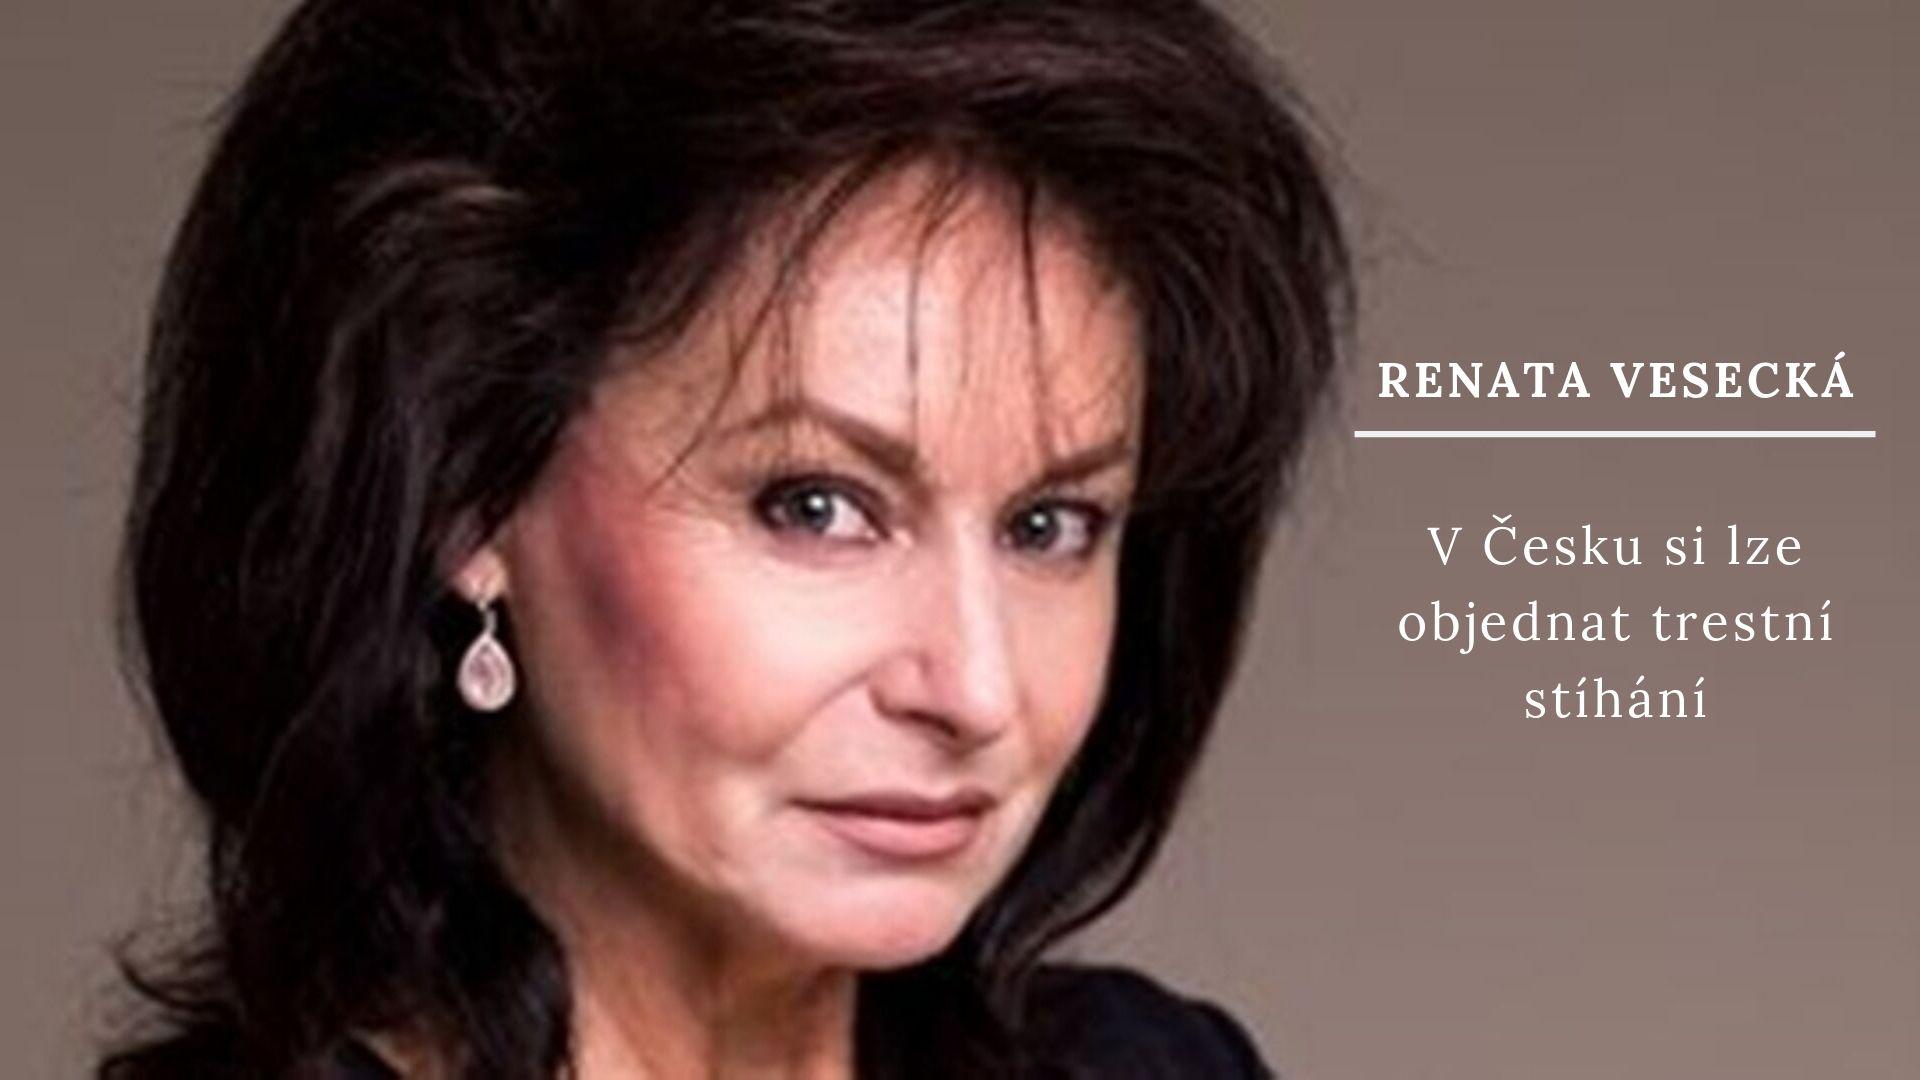 Renata Vesecká potvrdila – V Česku si lze objednat trestí stíhání